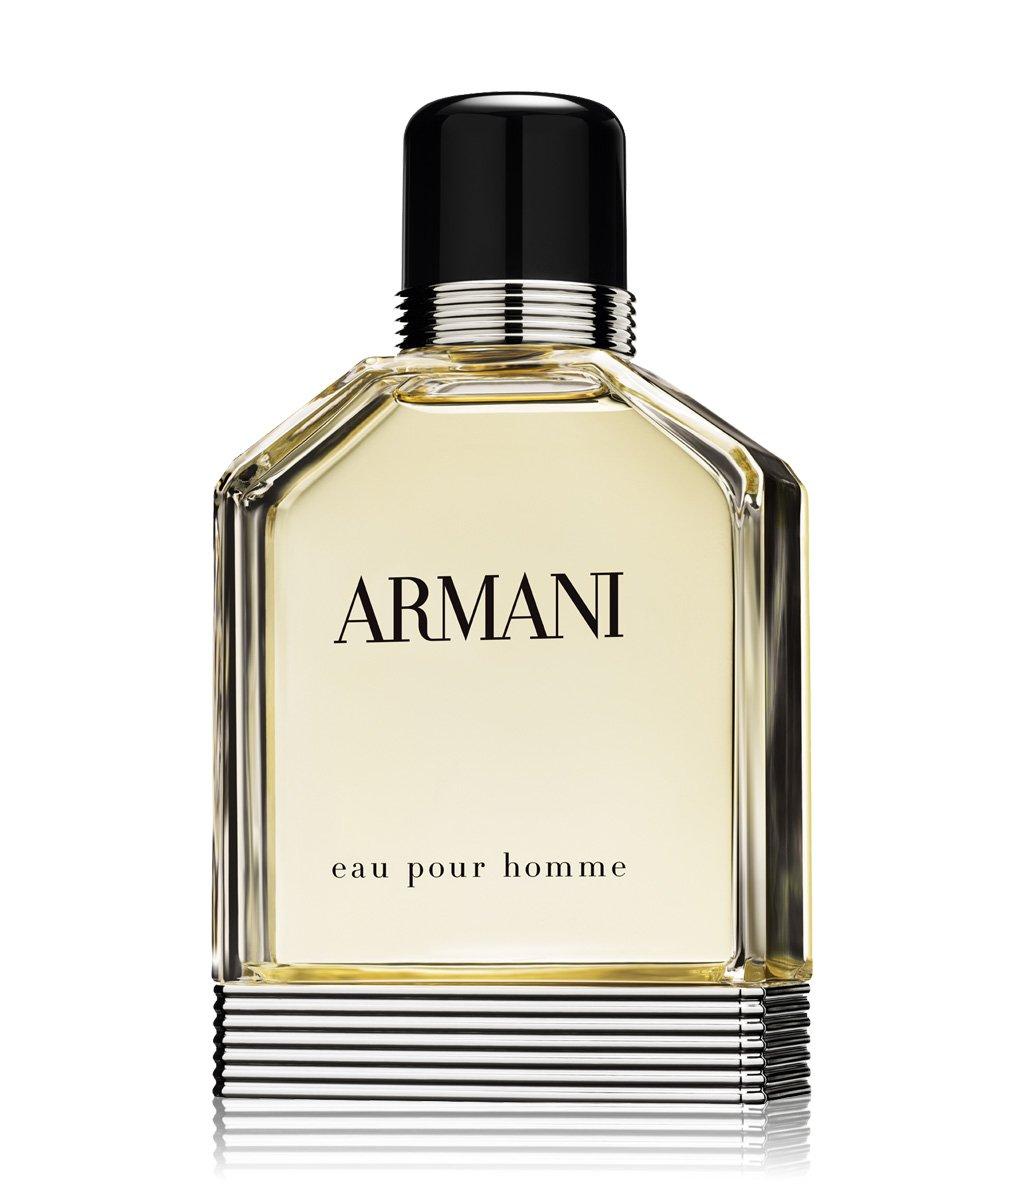 giorgio armani eau pour homme eau de toilette bestellen. Black Bedroom Furniture Sets. Home Design Ideas